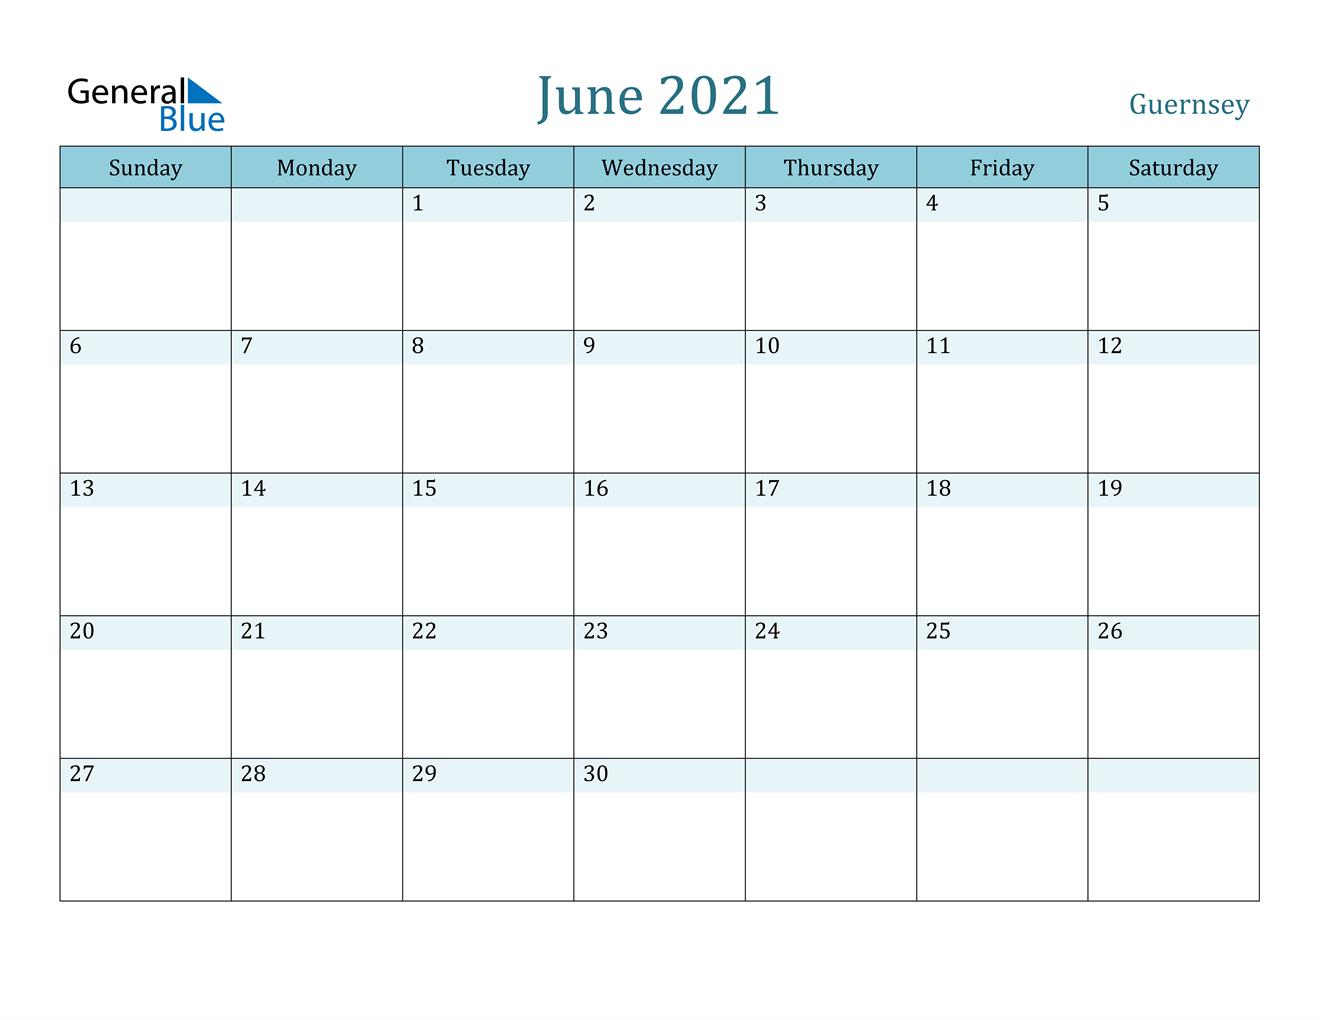 June 2021 Calendar - Guernsey